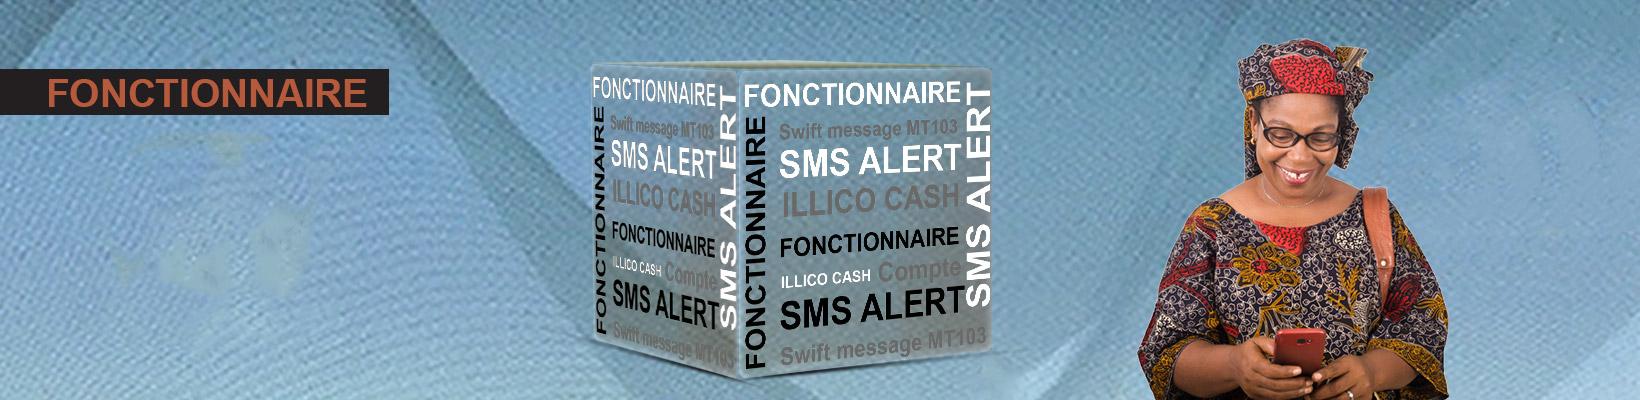 1640x400-Pack-fonctionnaire